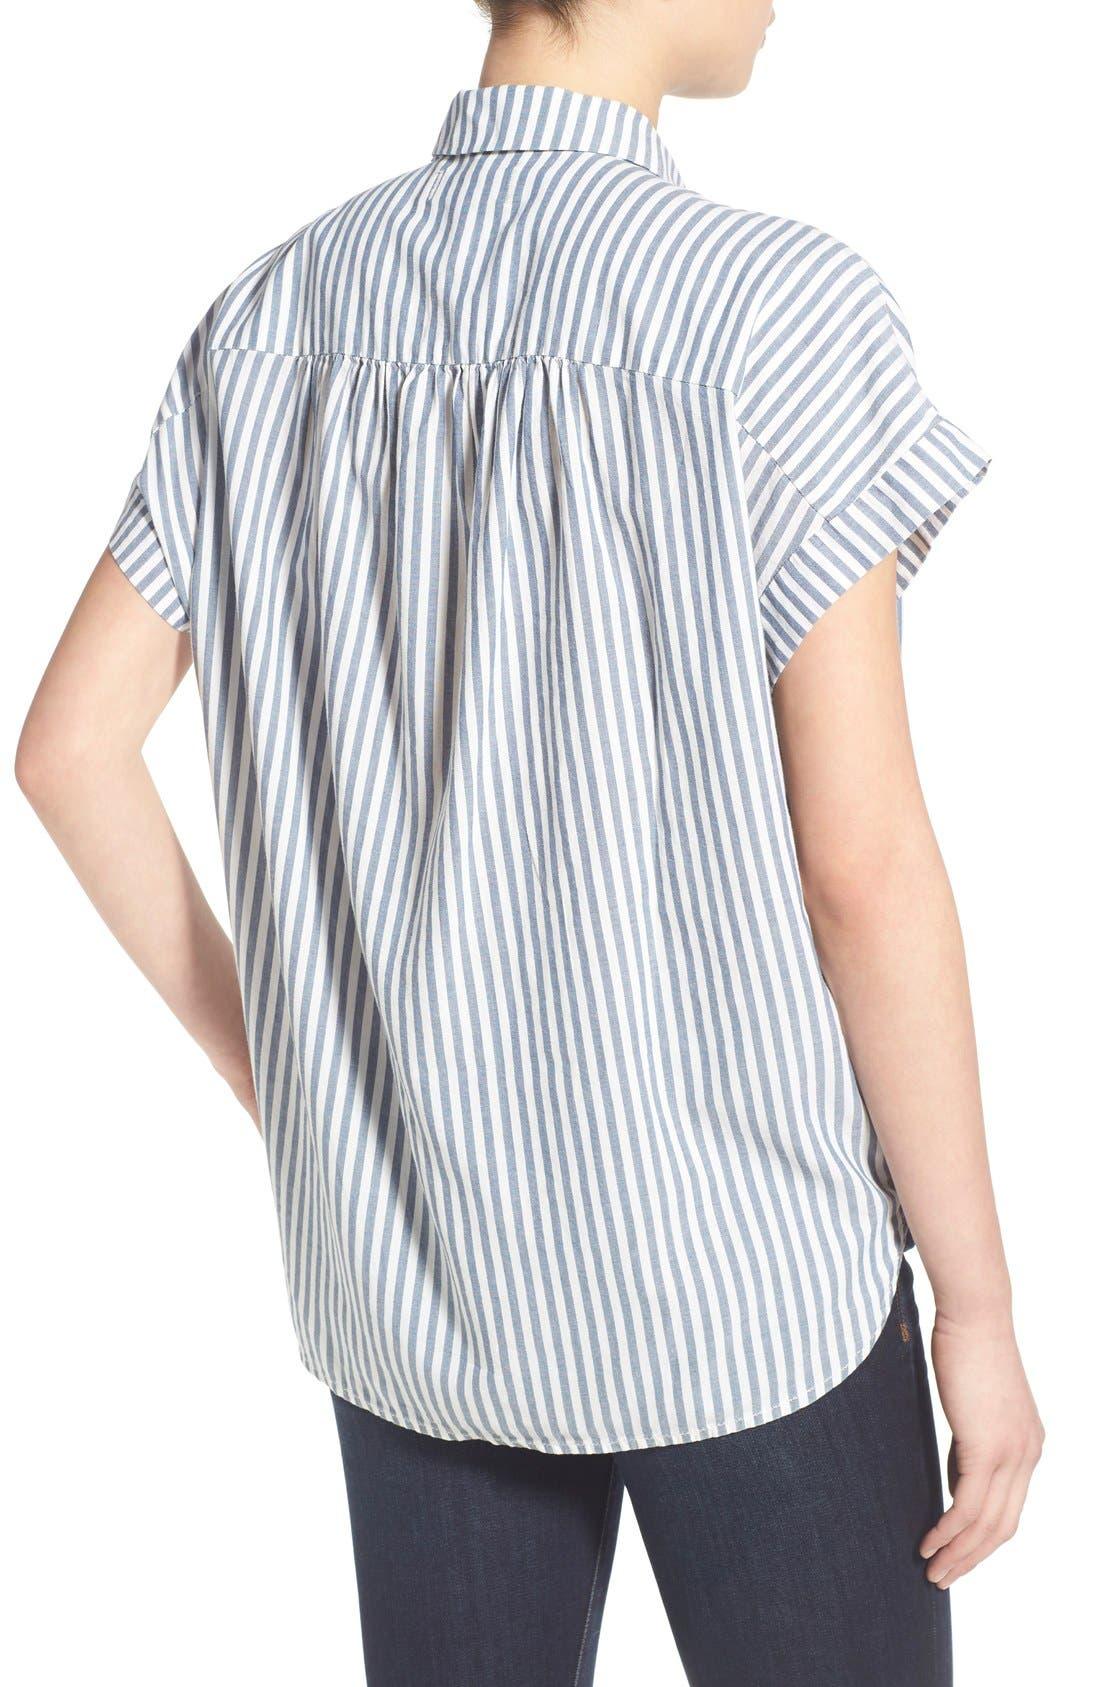 'Central' Stripe Cotton Shirt,                             Alternate thumbnail 4, color,                             495